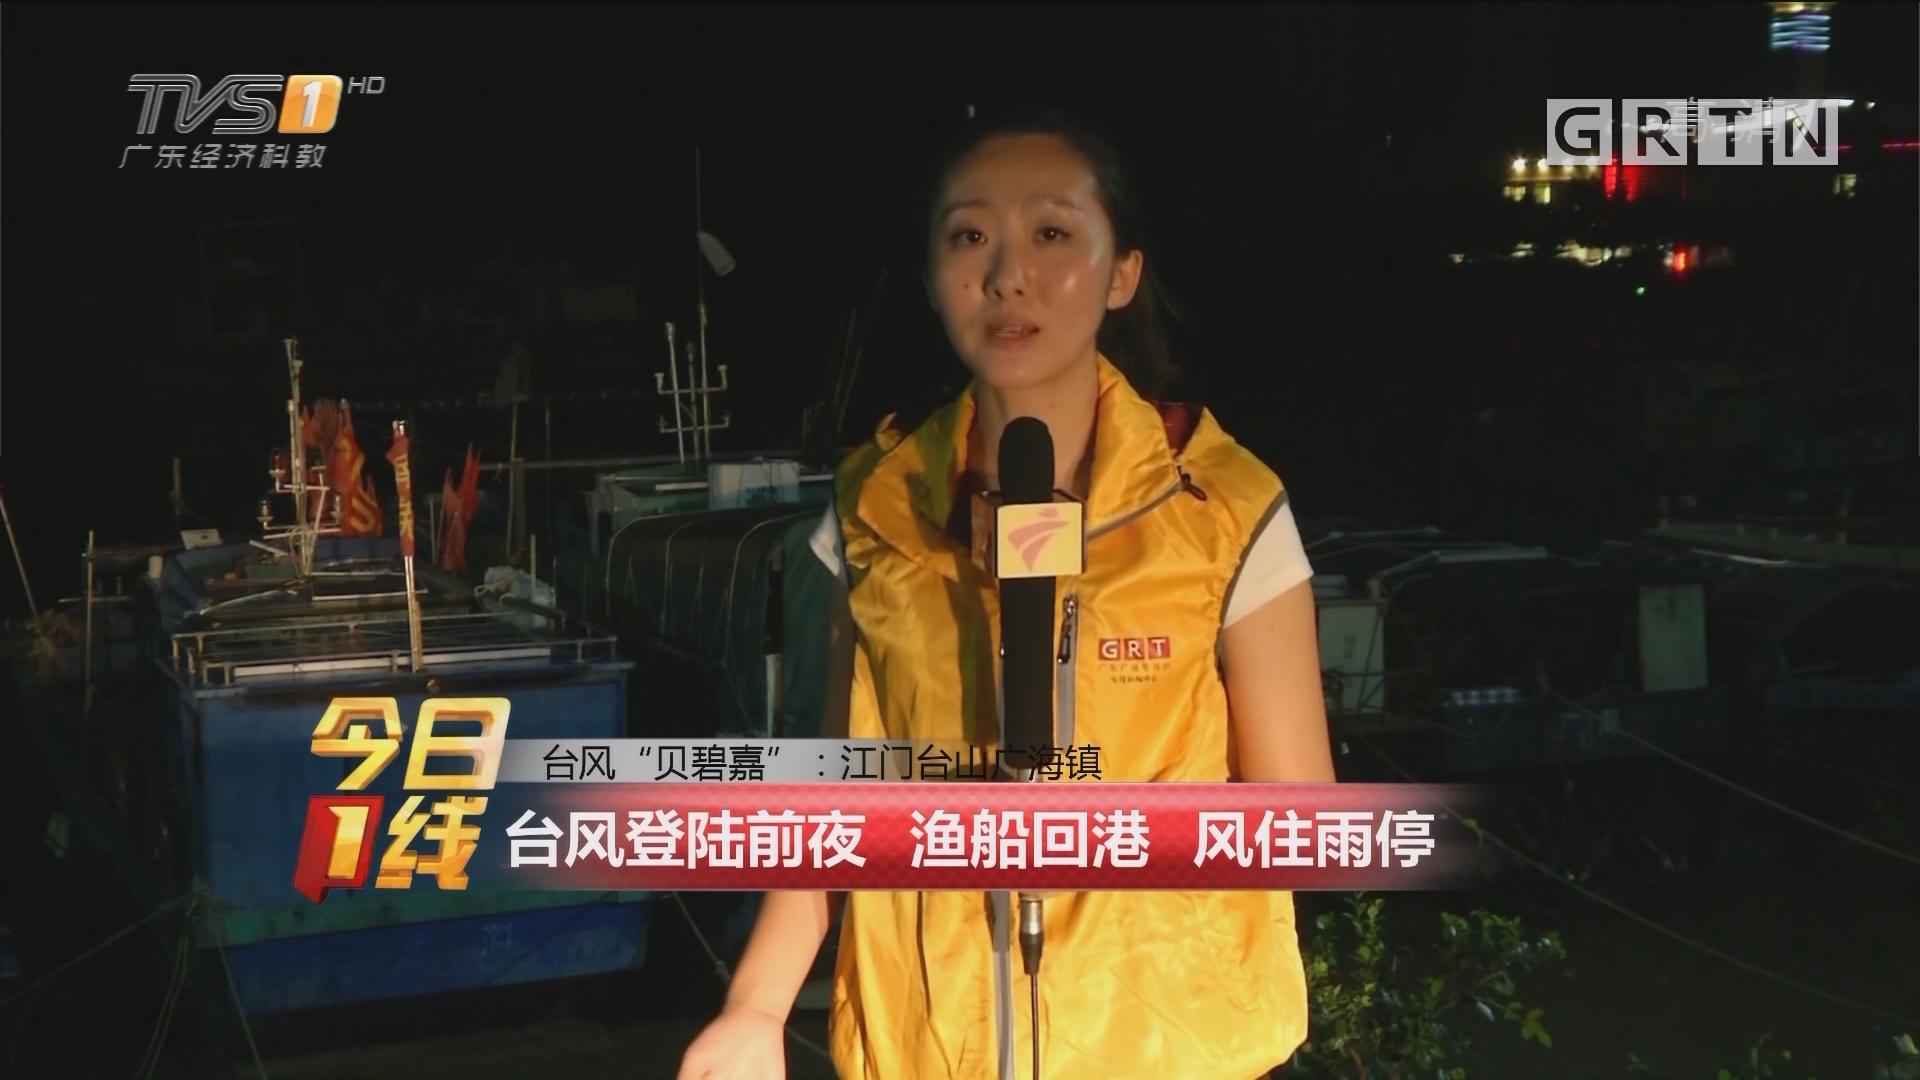 """台风""""贝碧嘉"""":江门台山广海镇 台风登陆前夜 渔船回港 风住雨停"""